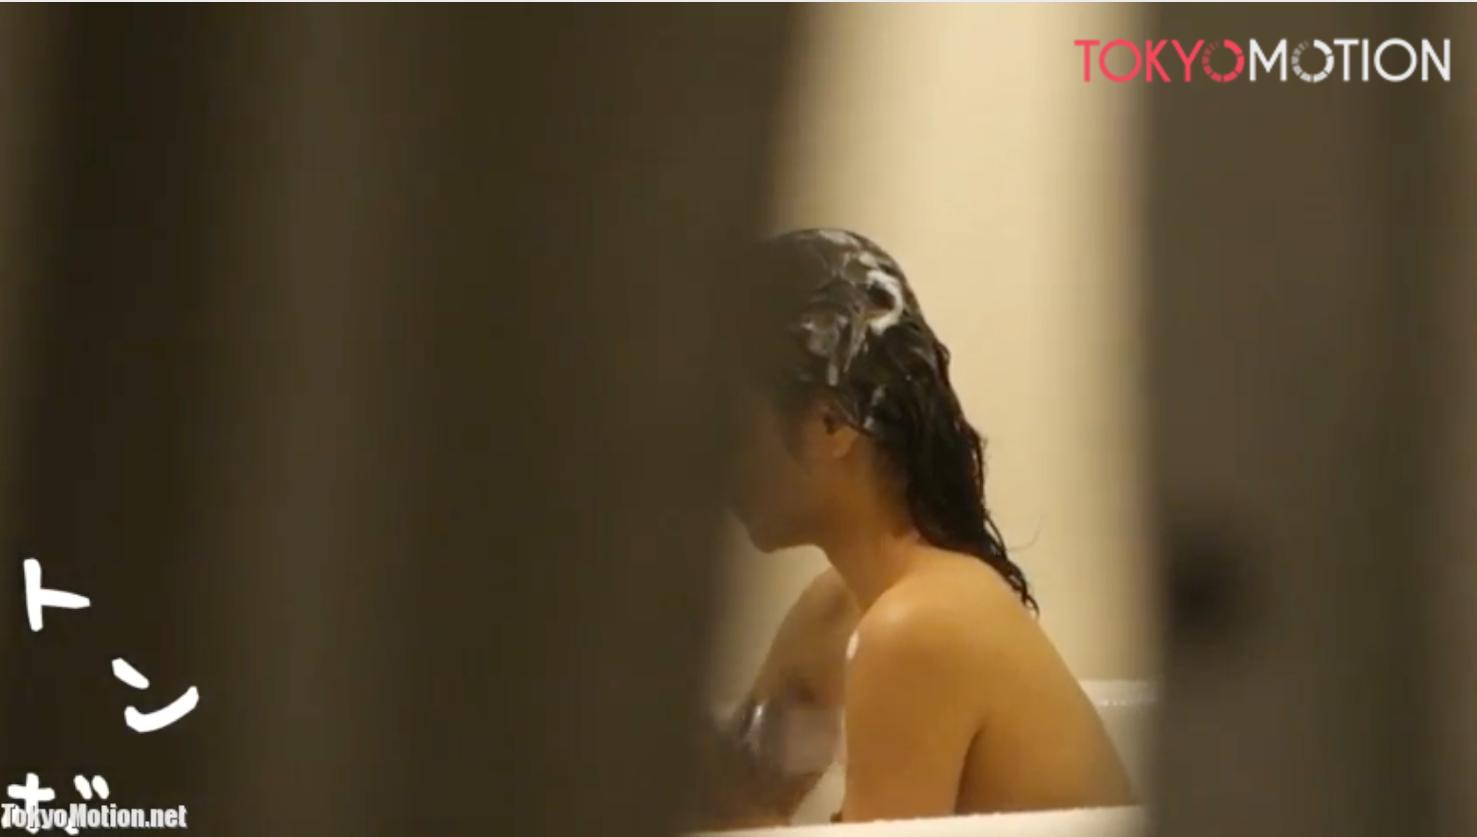 【早期削除予定】お風呂を楽しんでるロリロリ美少女をスキマからコッソリ撮影しました。